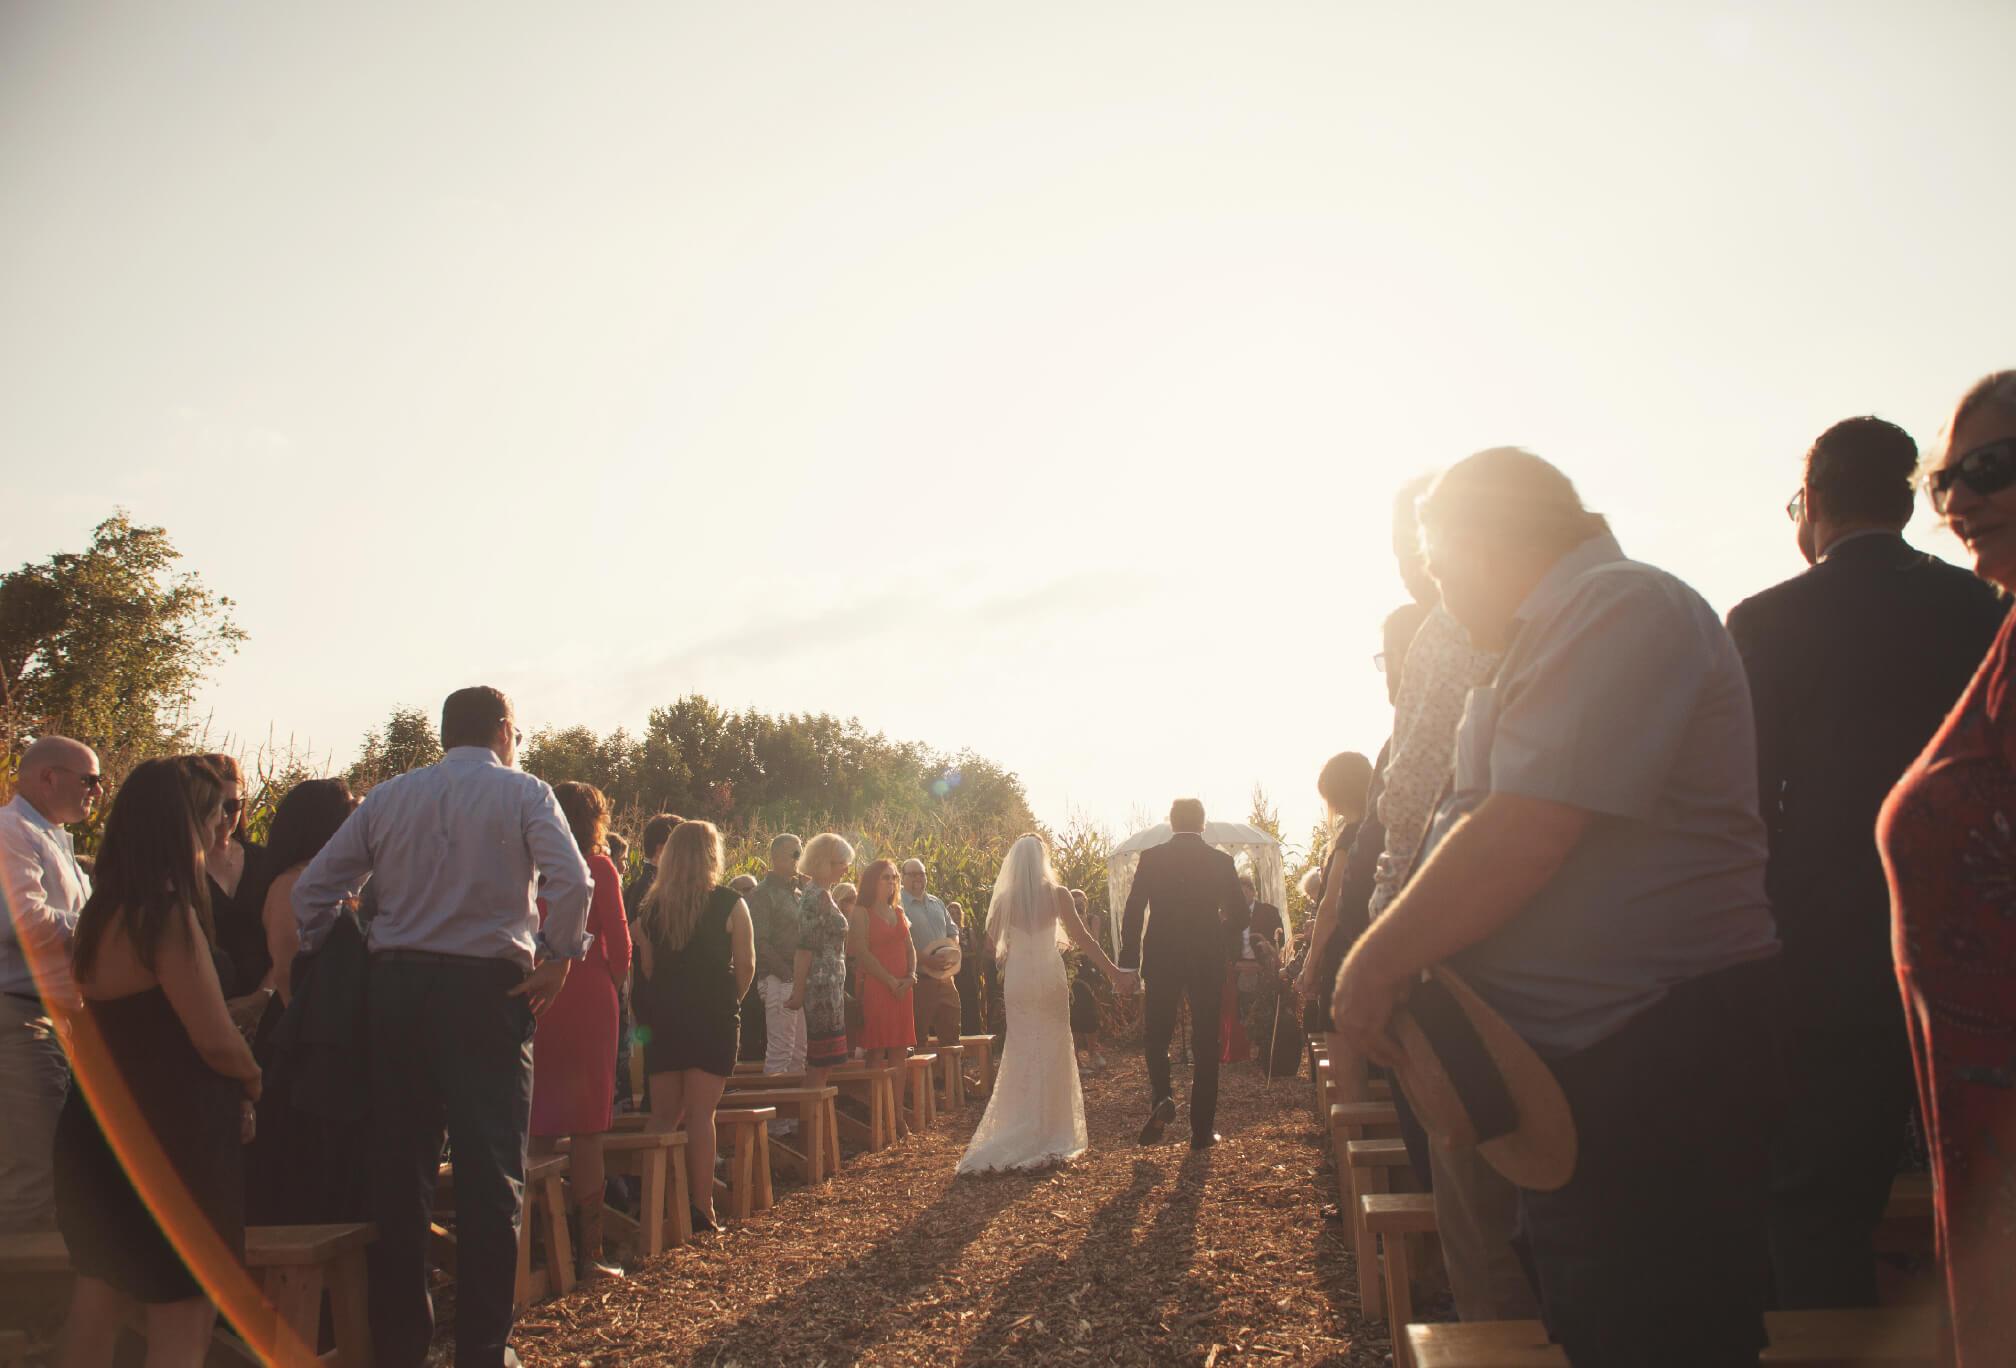 cornfield ceremony ontario